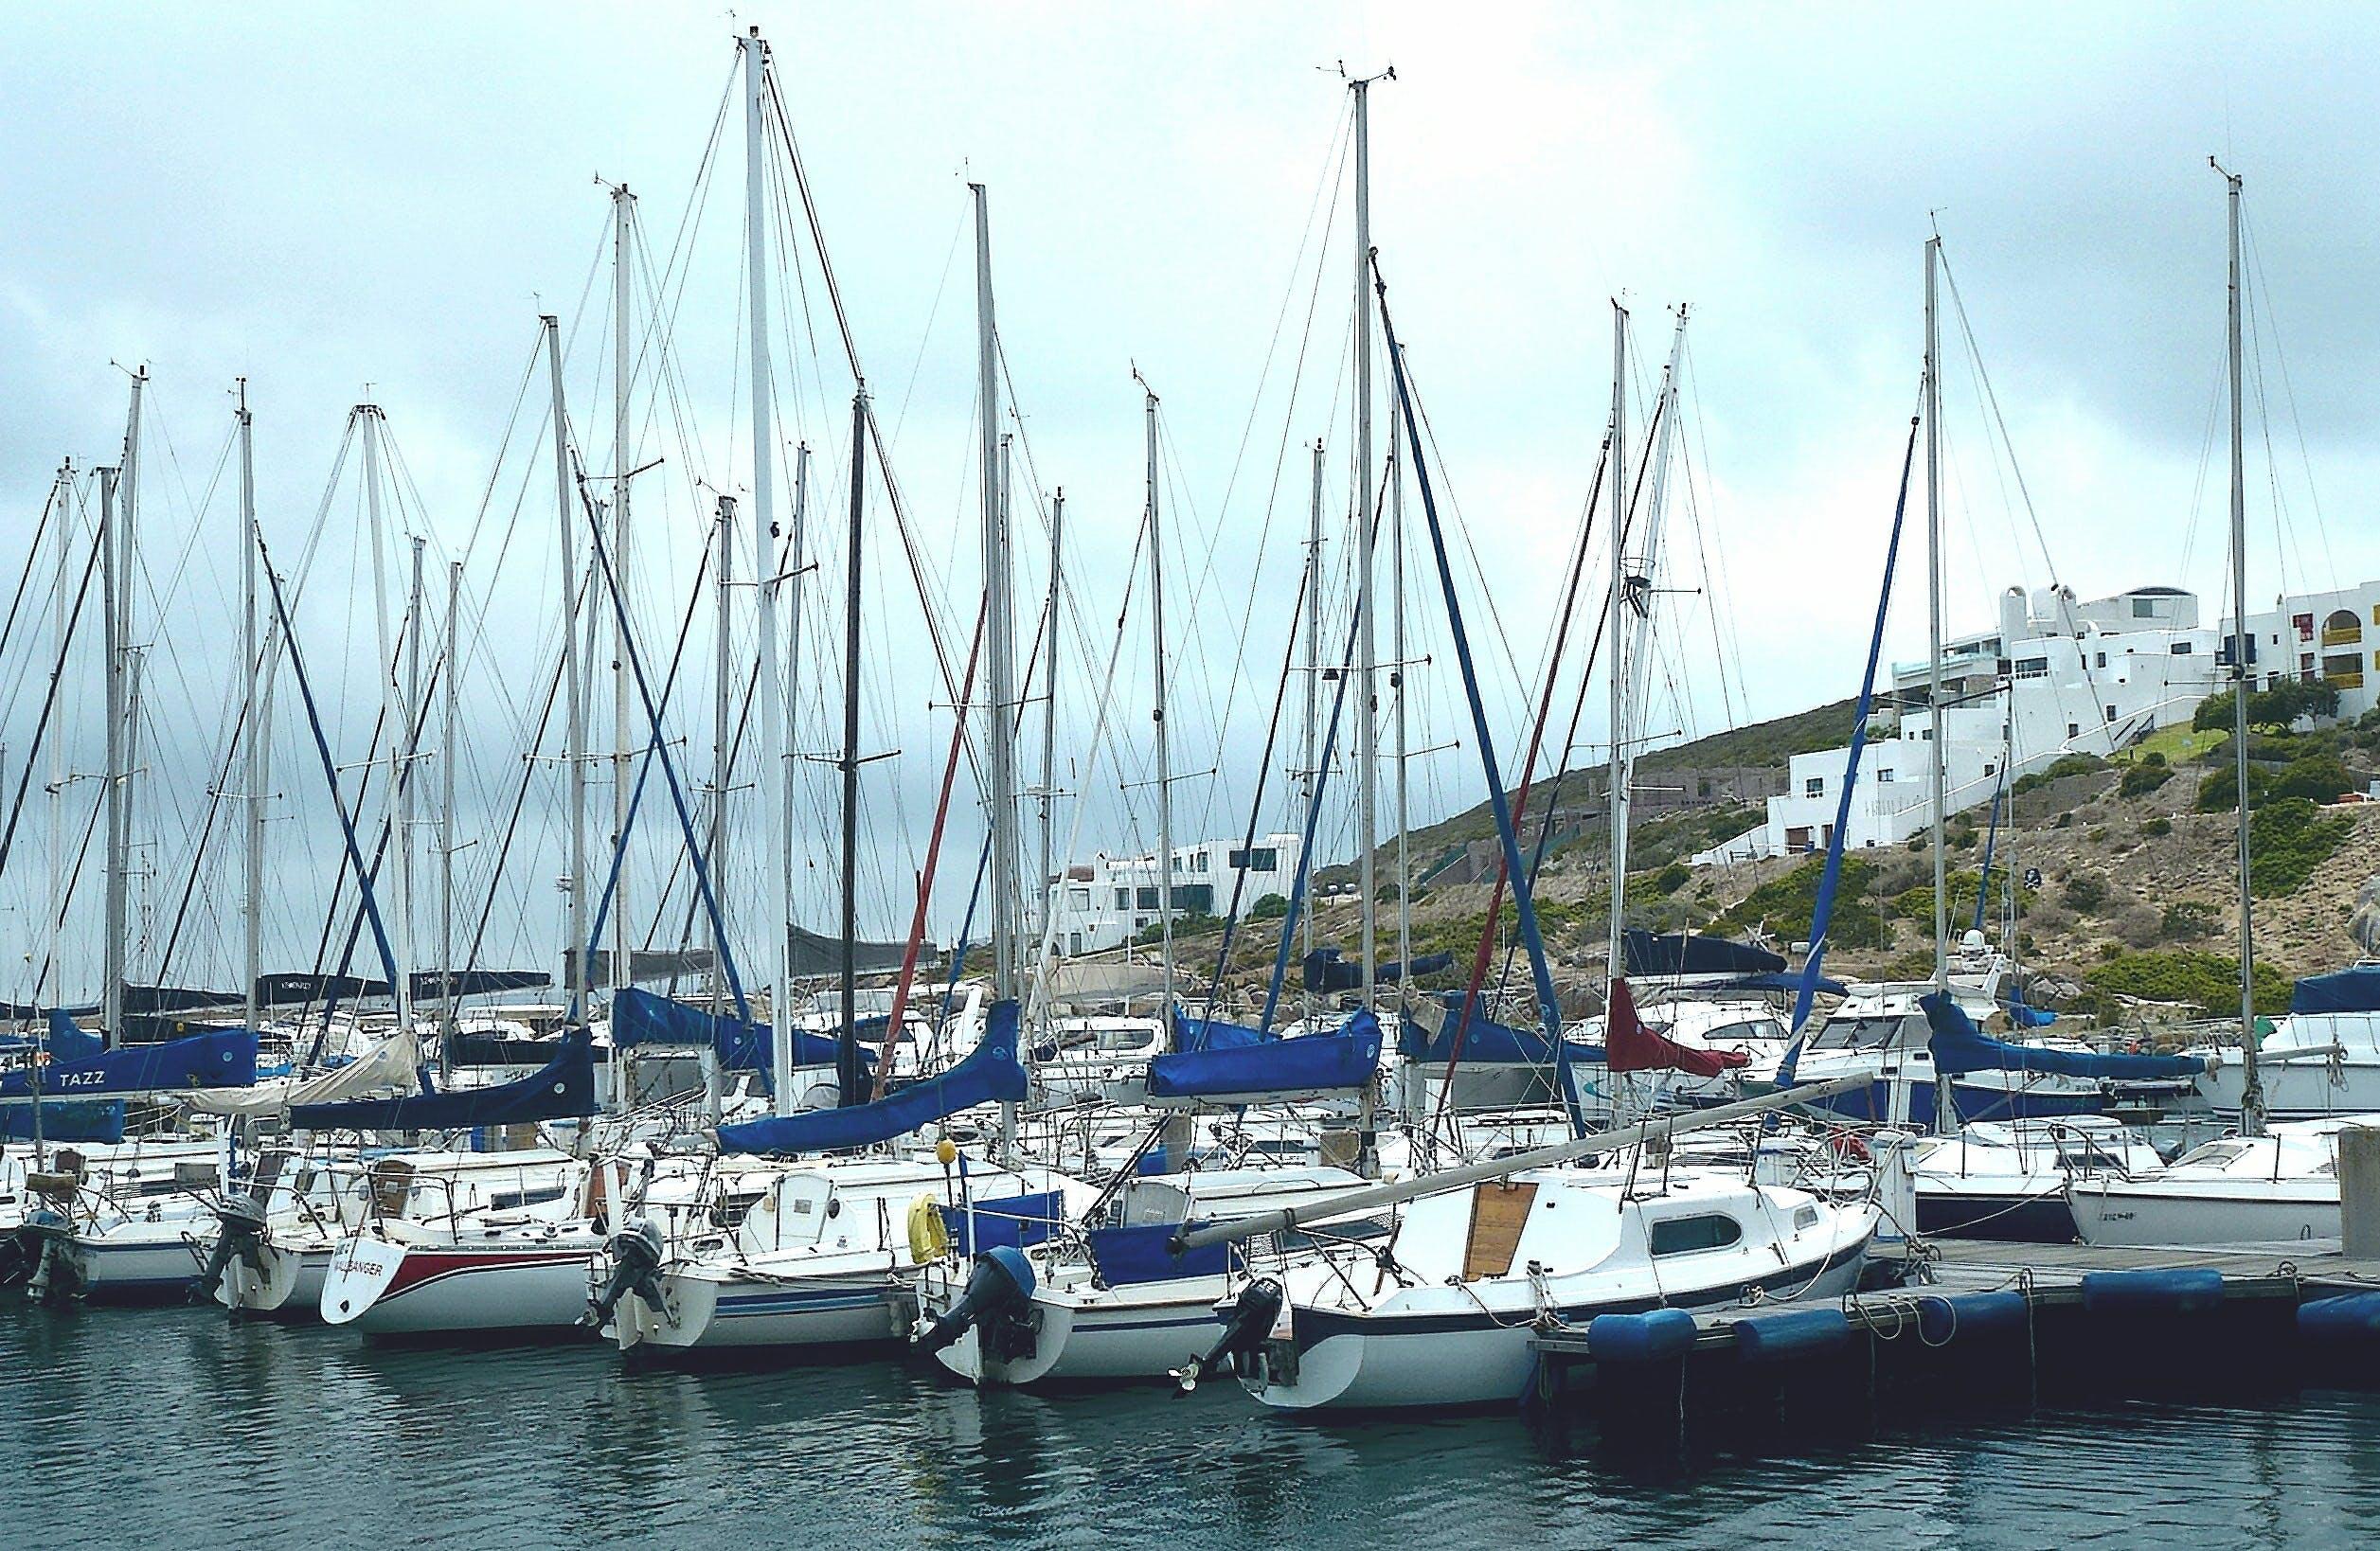 Free stock photo of marina, masts, yachts